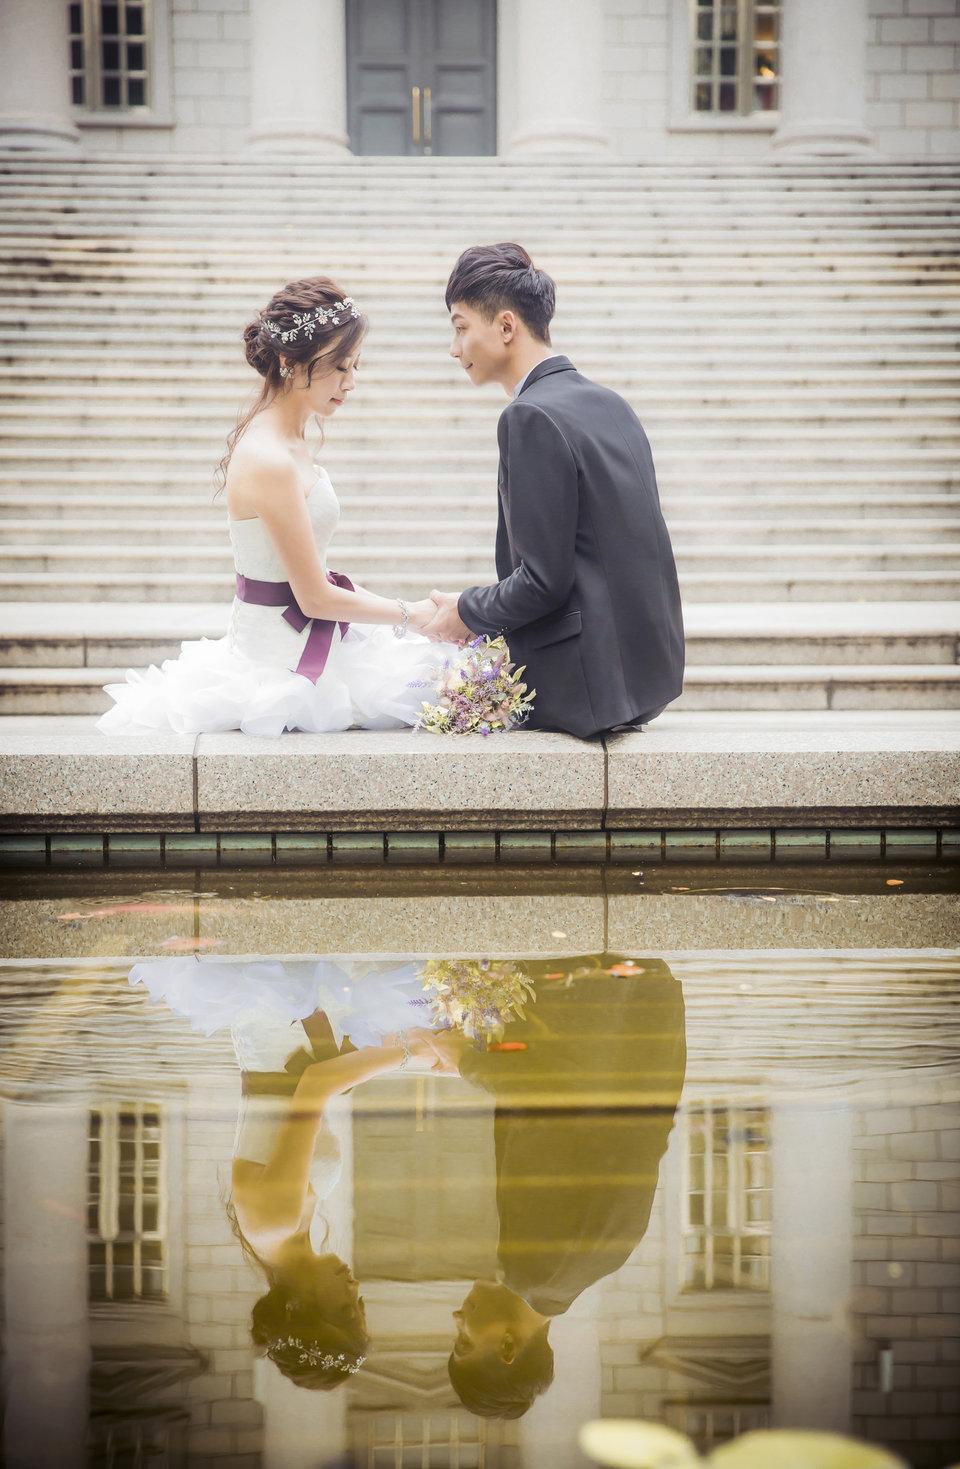 WH-為您好事韓風婚紗,我要大力推薦為您好事